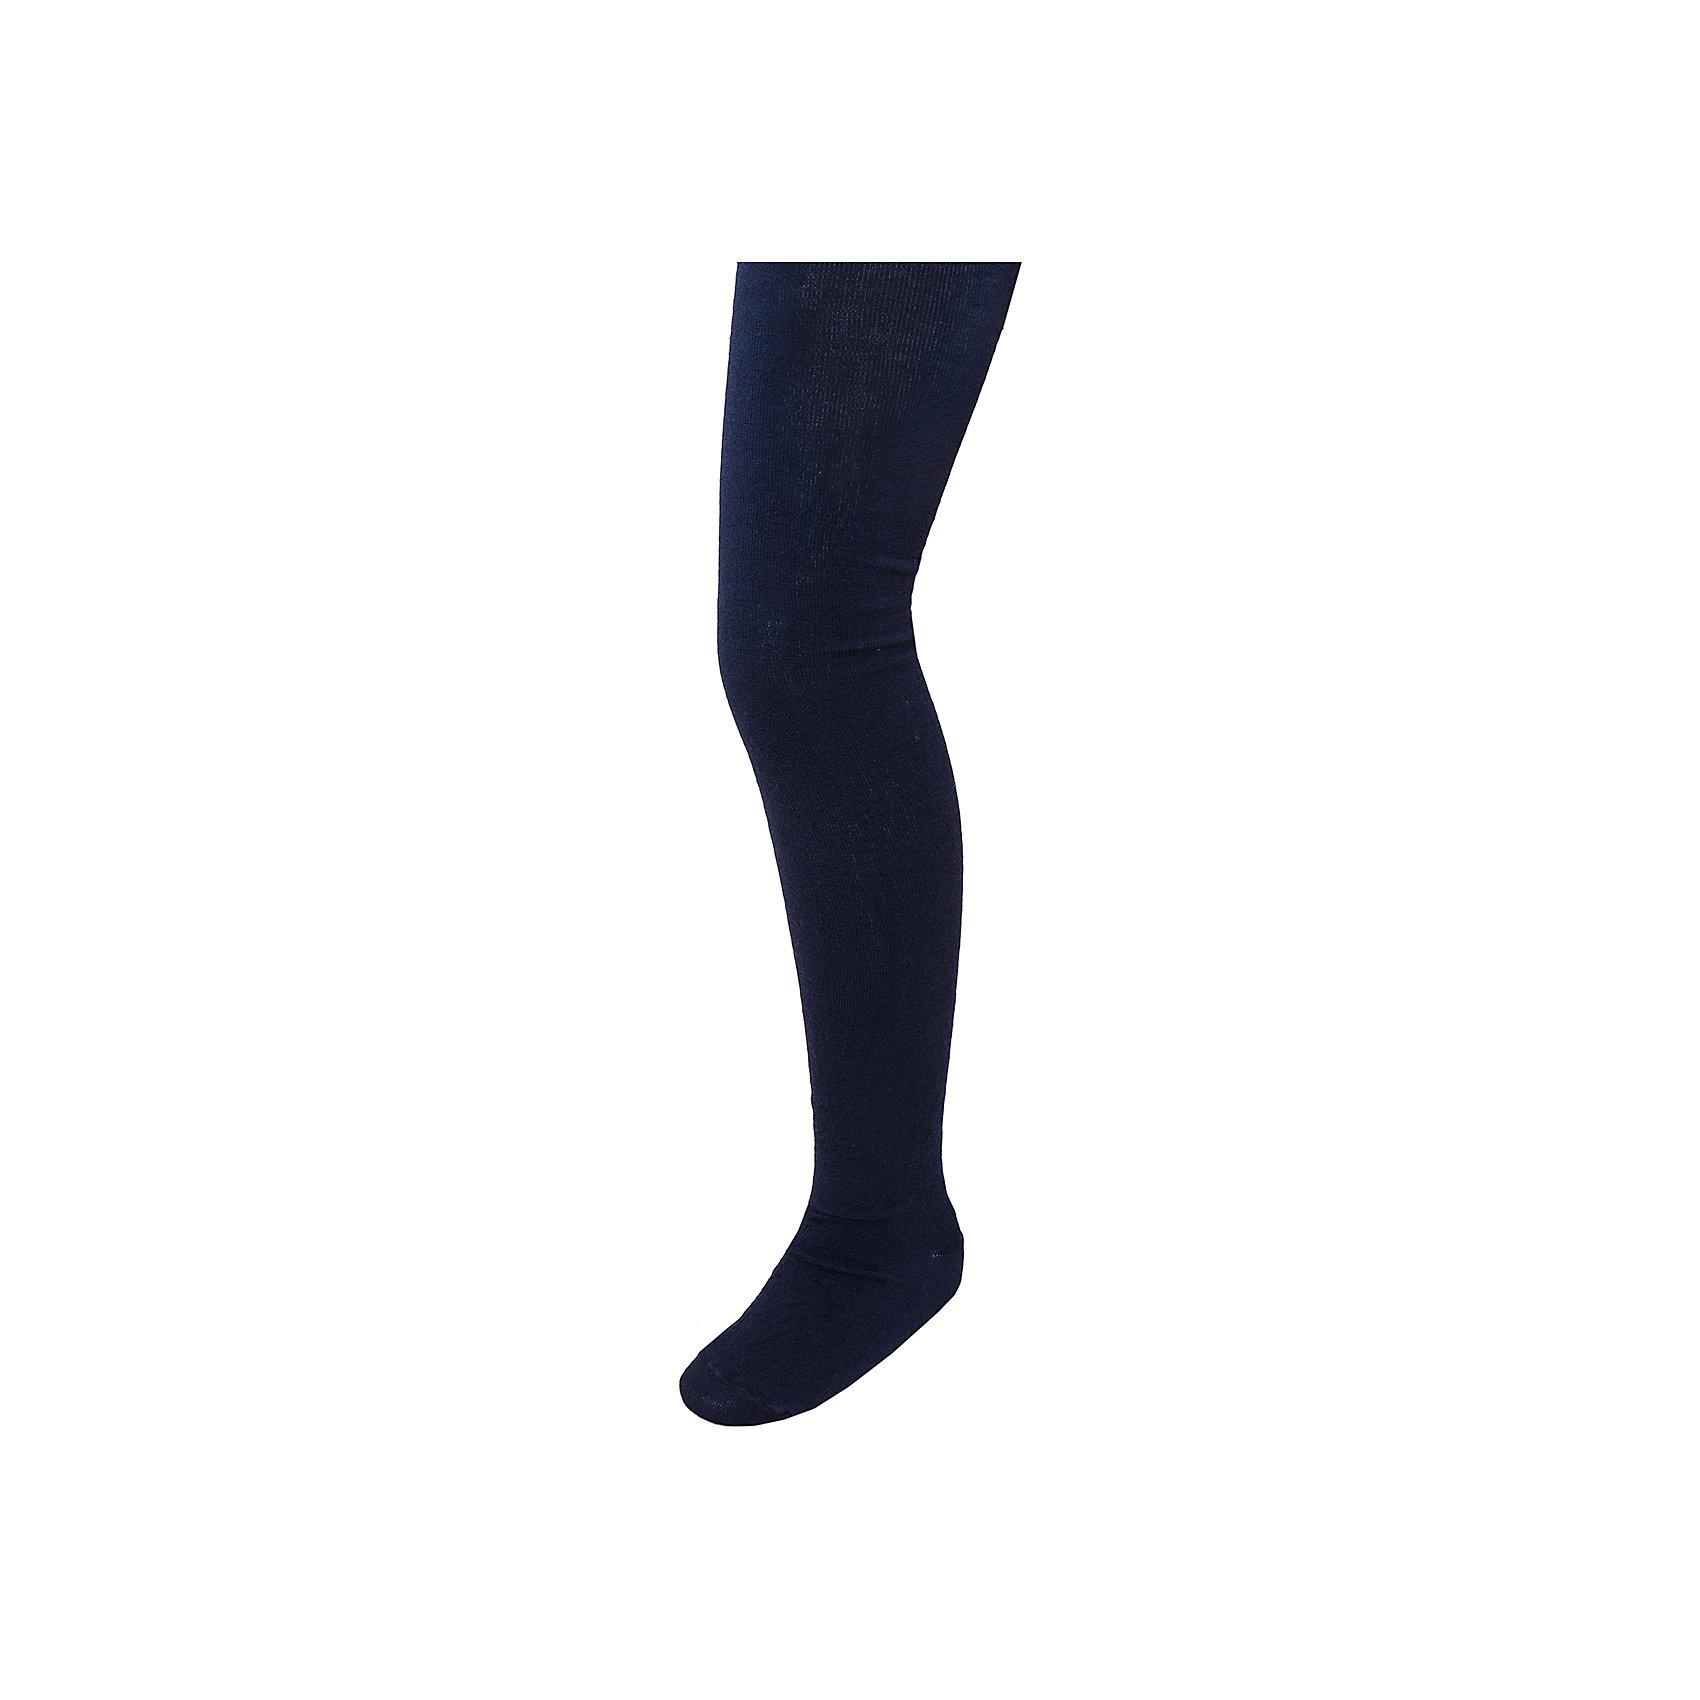 Колготки NorvegКолготки<br>Колготки от известного бренда Norveg<br><br>Термоколготки Norveg Merino Wool от немецкой компании Norveg (Норвег) - это удобная и красивая одежда, которая обеспечит комфортную терморегуляцию тела и на улице, и в помещении. <br>Они сделаны из шерсти мериноса (австралийской тонкорунной овцы), которая обладает гипоаллергенными свойствами, поэтому не вызывает раздражения, даже если надета на голое тело. <br>Отличительные особенности модели:<br><br>- цвет: синий;<br>- швы плоские, не натирают и не мешают движению;<br>- анатомические резинки;<br>- материал впитывает влагу и сразу выводит наружу;<br>- анатомический крой;<br>- подходит и мальчикам, и девочкам;<br>- не мешает под одеждой.<br><br>Дополнительная информация:<br><br>- Температурный режим: от - 30° С  до +5° С.<br><br>- Состав: 100% шерсть мериносов<br><br>Колготки Norveg (Норвег) можно купить в нашем магазине.<br><br>Ширина мм: 123<br>Глубина мм: 10<br>Высота мм: 149<br>Вес г: 209<br>Цвет: синий<br>Возраст от месяцев: 6<br>Возраст до месяцев: 9<br>Пол: Унисекс<br>Возраст: Детский<br>Размер: 74,86/92,134/140,98/104,110/116,122/128<br>SKU: 4224625